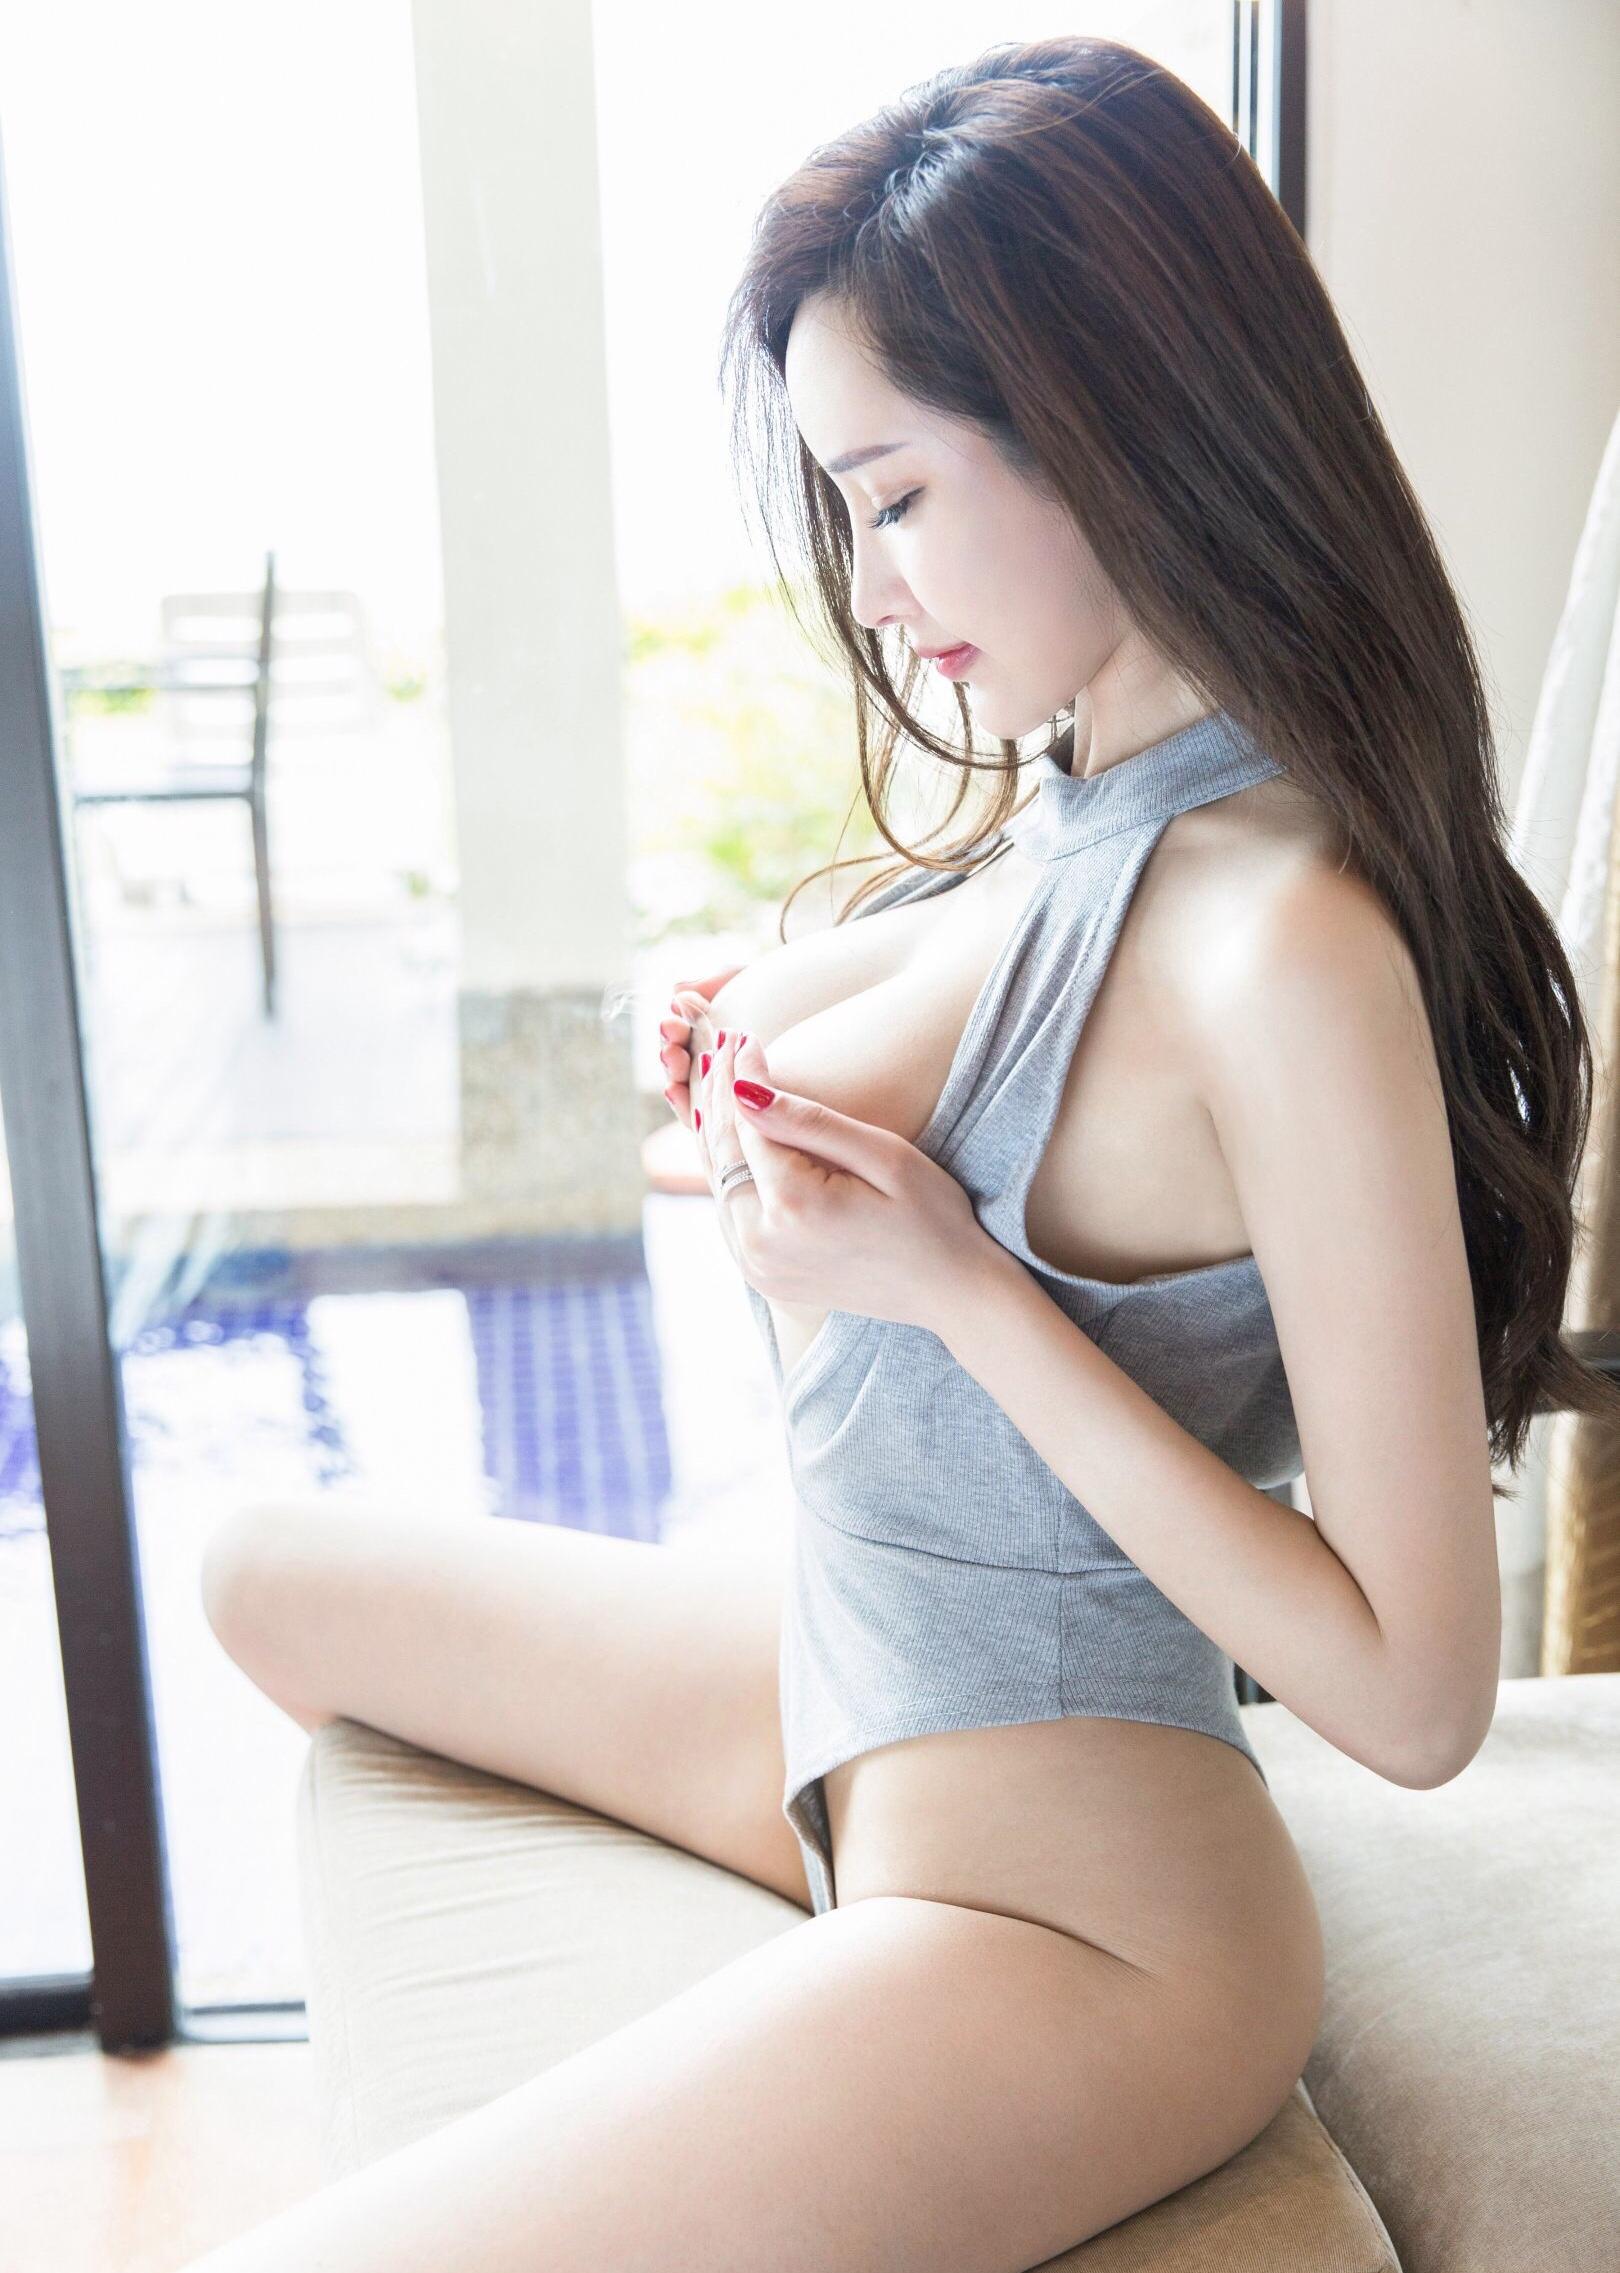 手ブラで巨乳を隠すZhou Yanxi周妍希 2